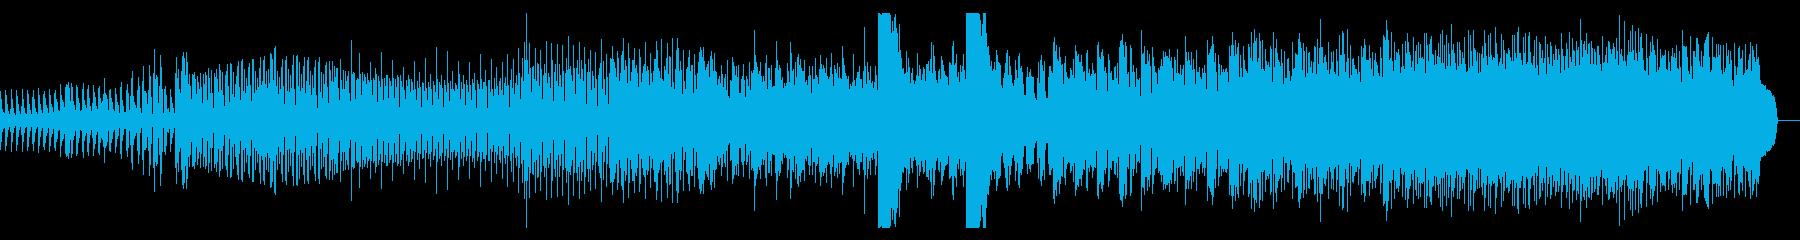 シンプルなダブテクノの再生済みの波形